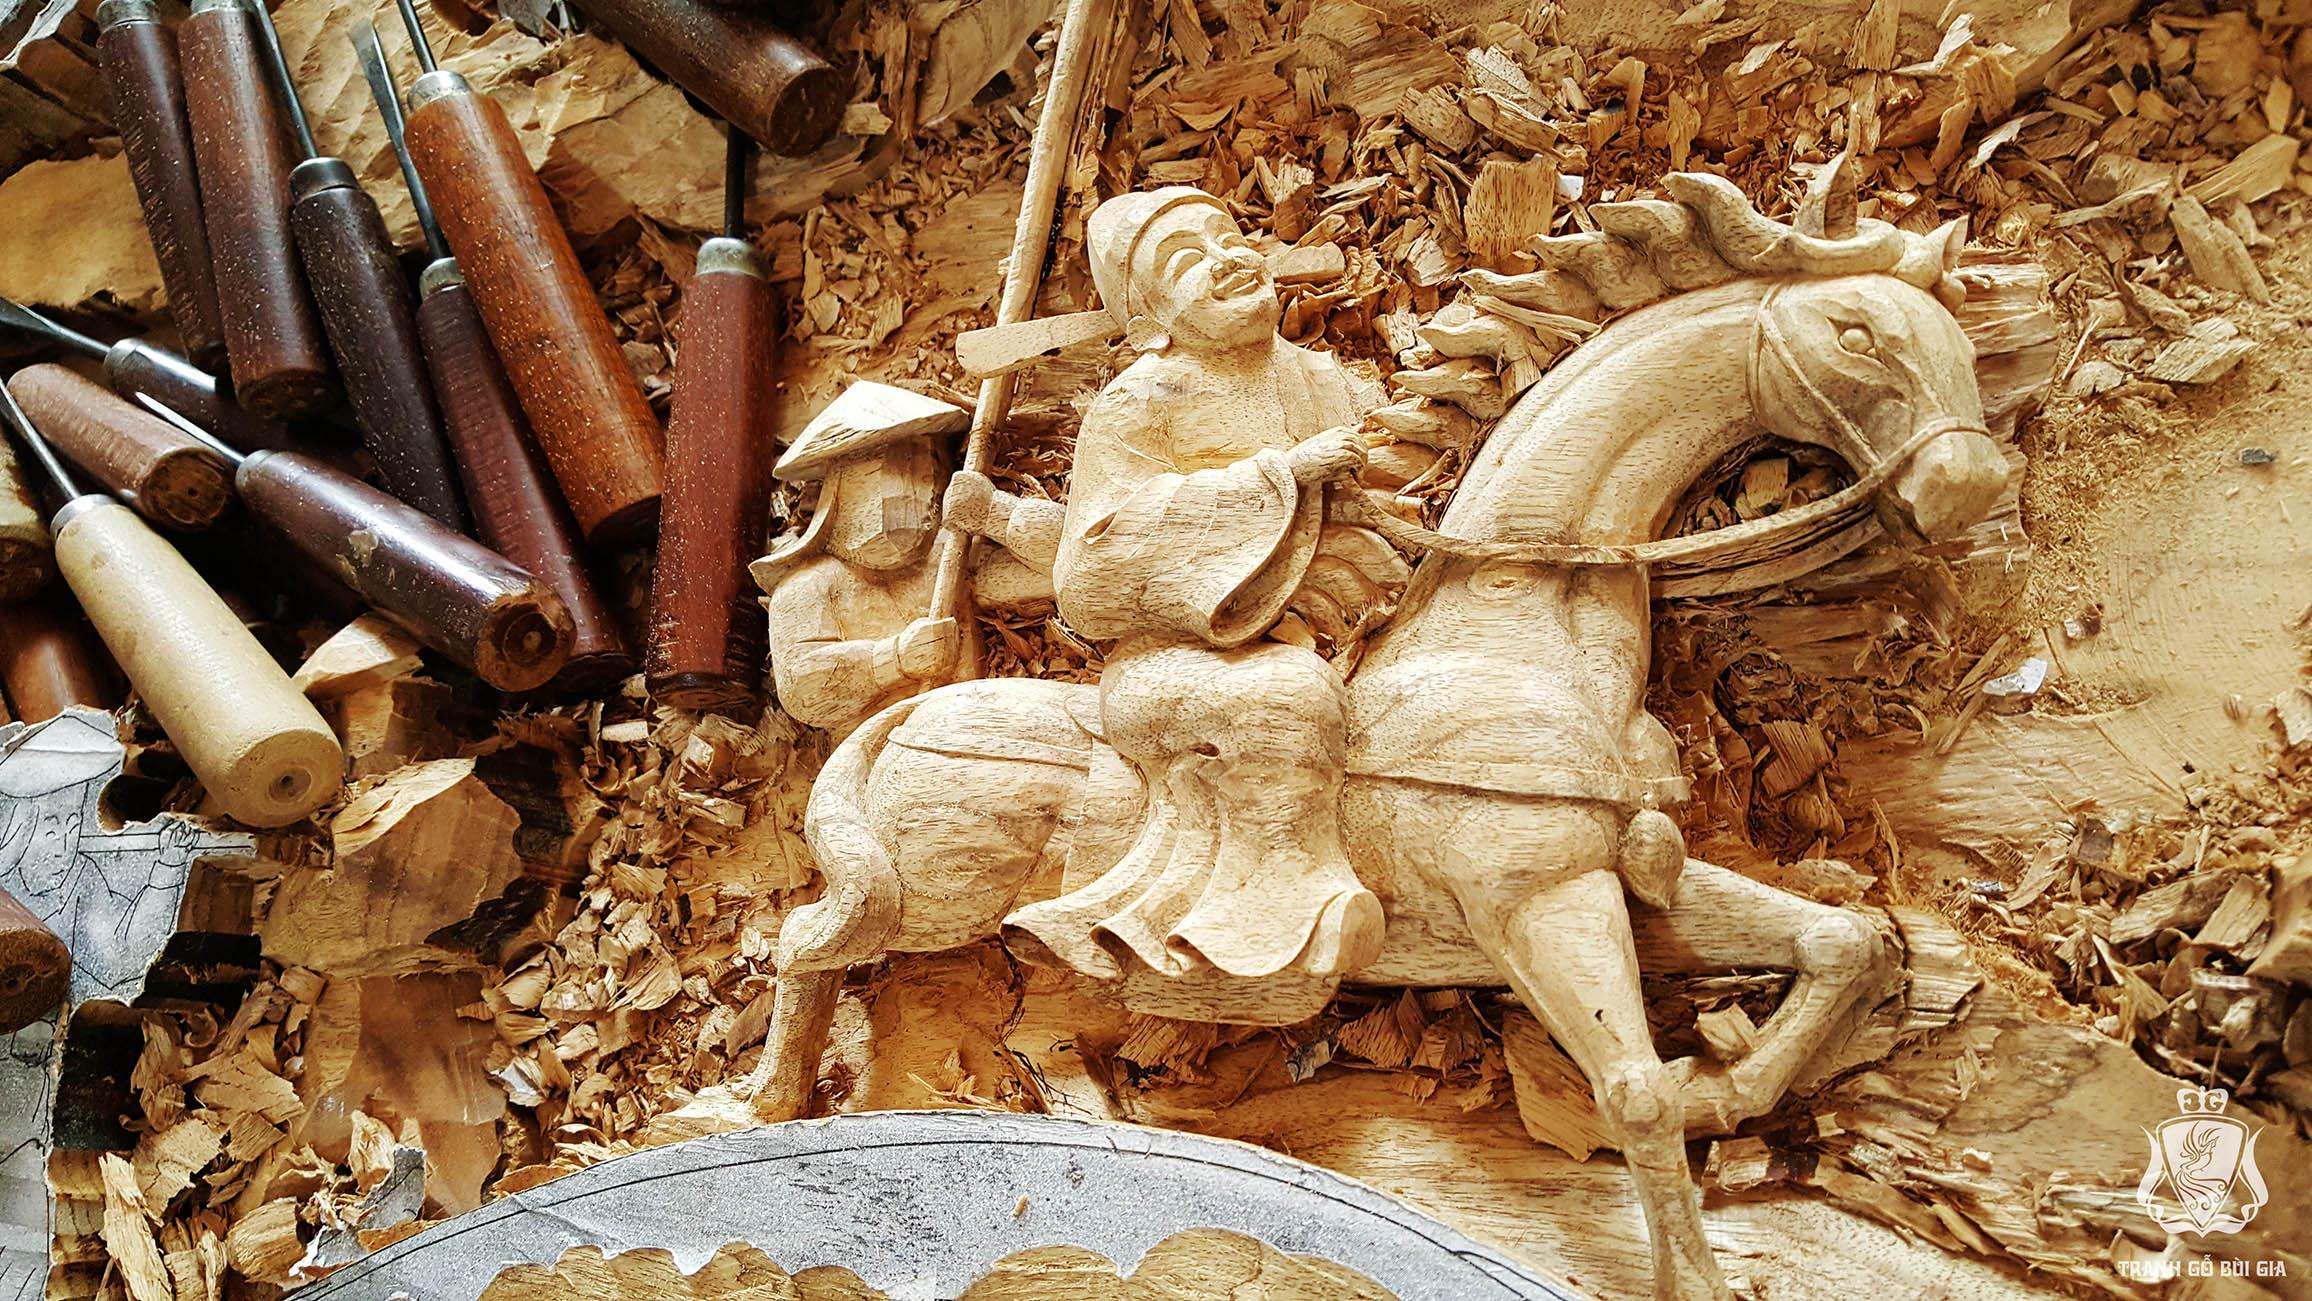 Tranh Vinh Quy Bái Tổ. Sự Tích, Ý Nghĩa Của Bức Tranh Đục Thủ Công Tuyệt Hảo Này.